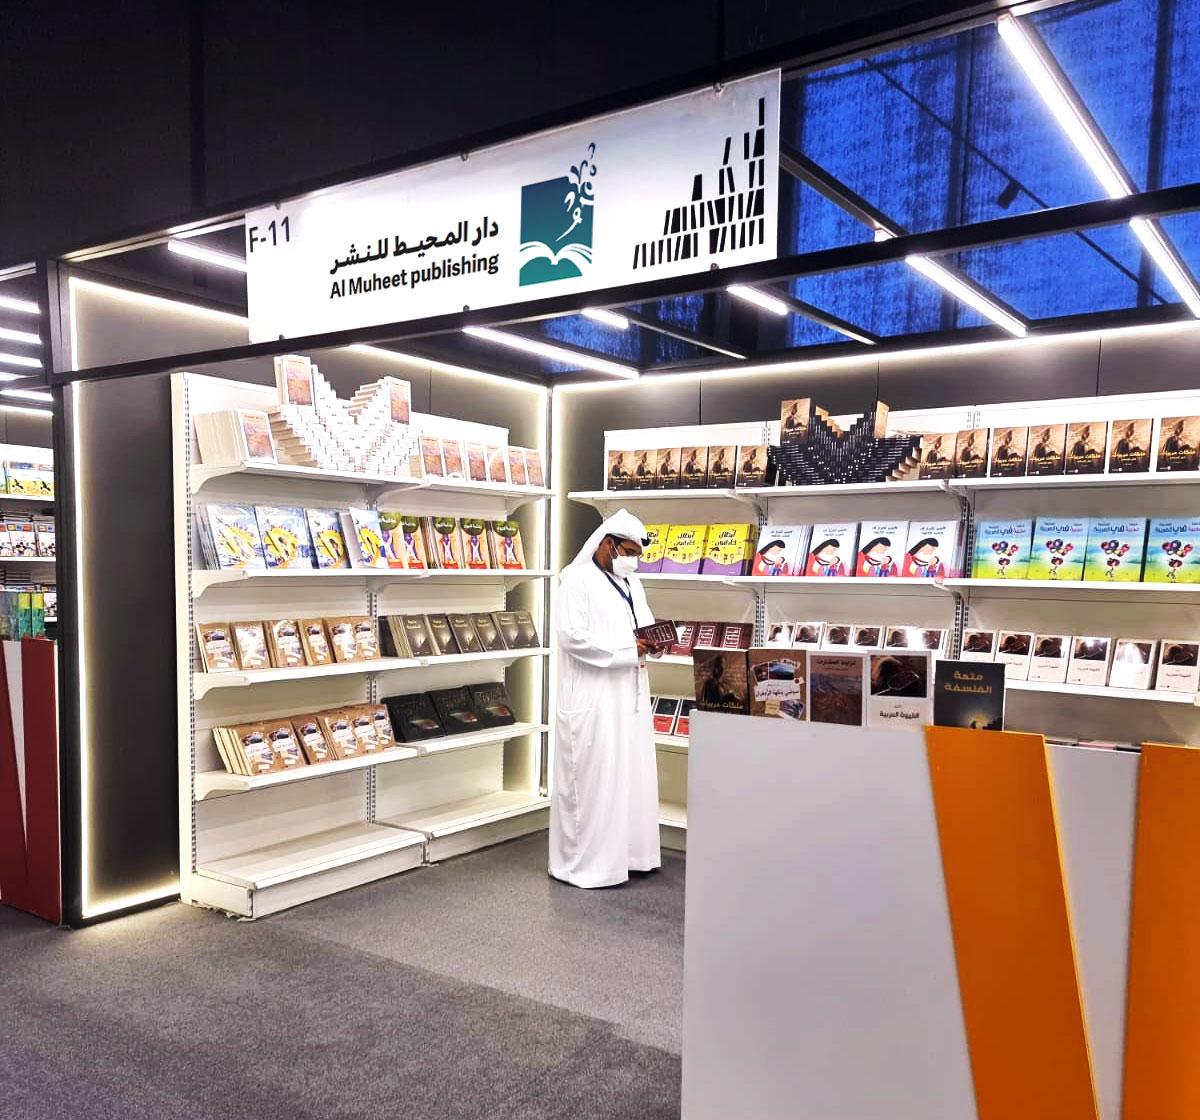 الموروث الشعبي.. تجذُّر الثقافة وأصالة الهوية مشاركة إماراتية لافتة في معرض الرياض الدولي للكتاب 2021.